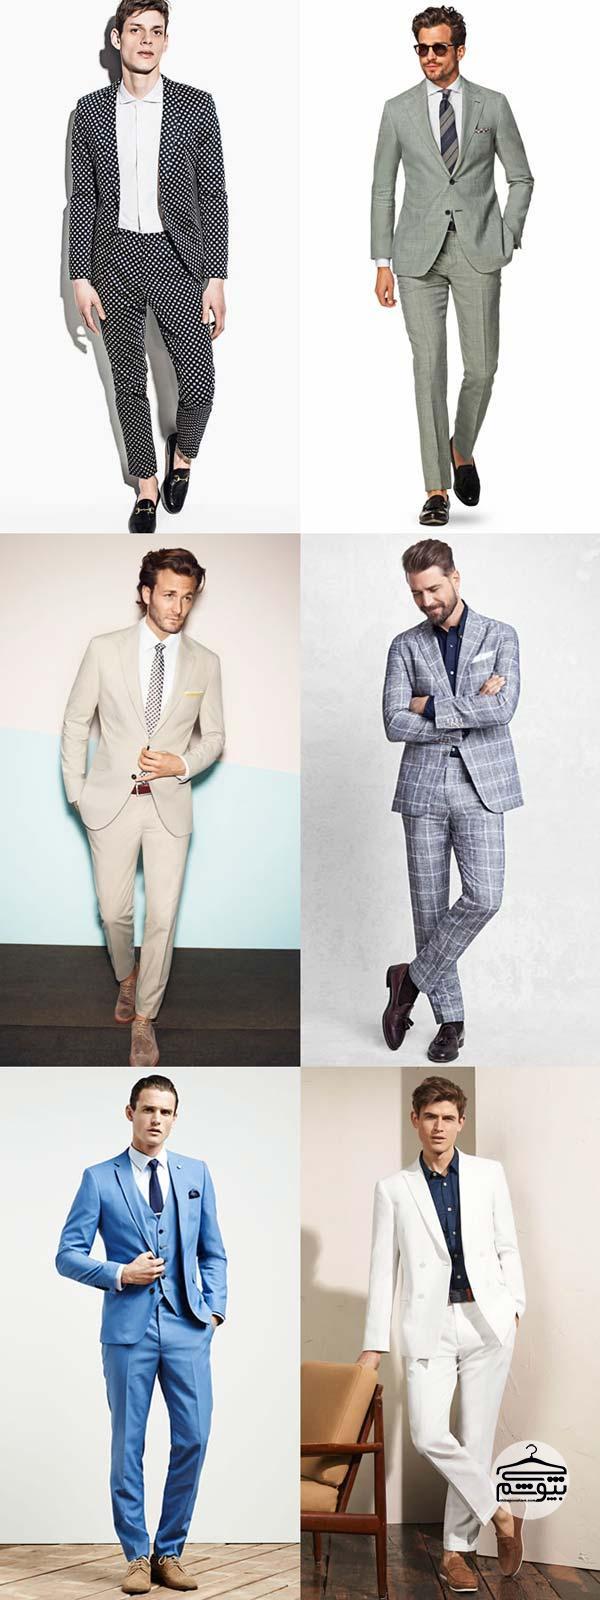 جدیدترین مدل های لباس مردانه